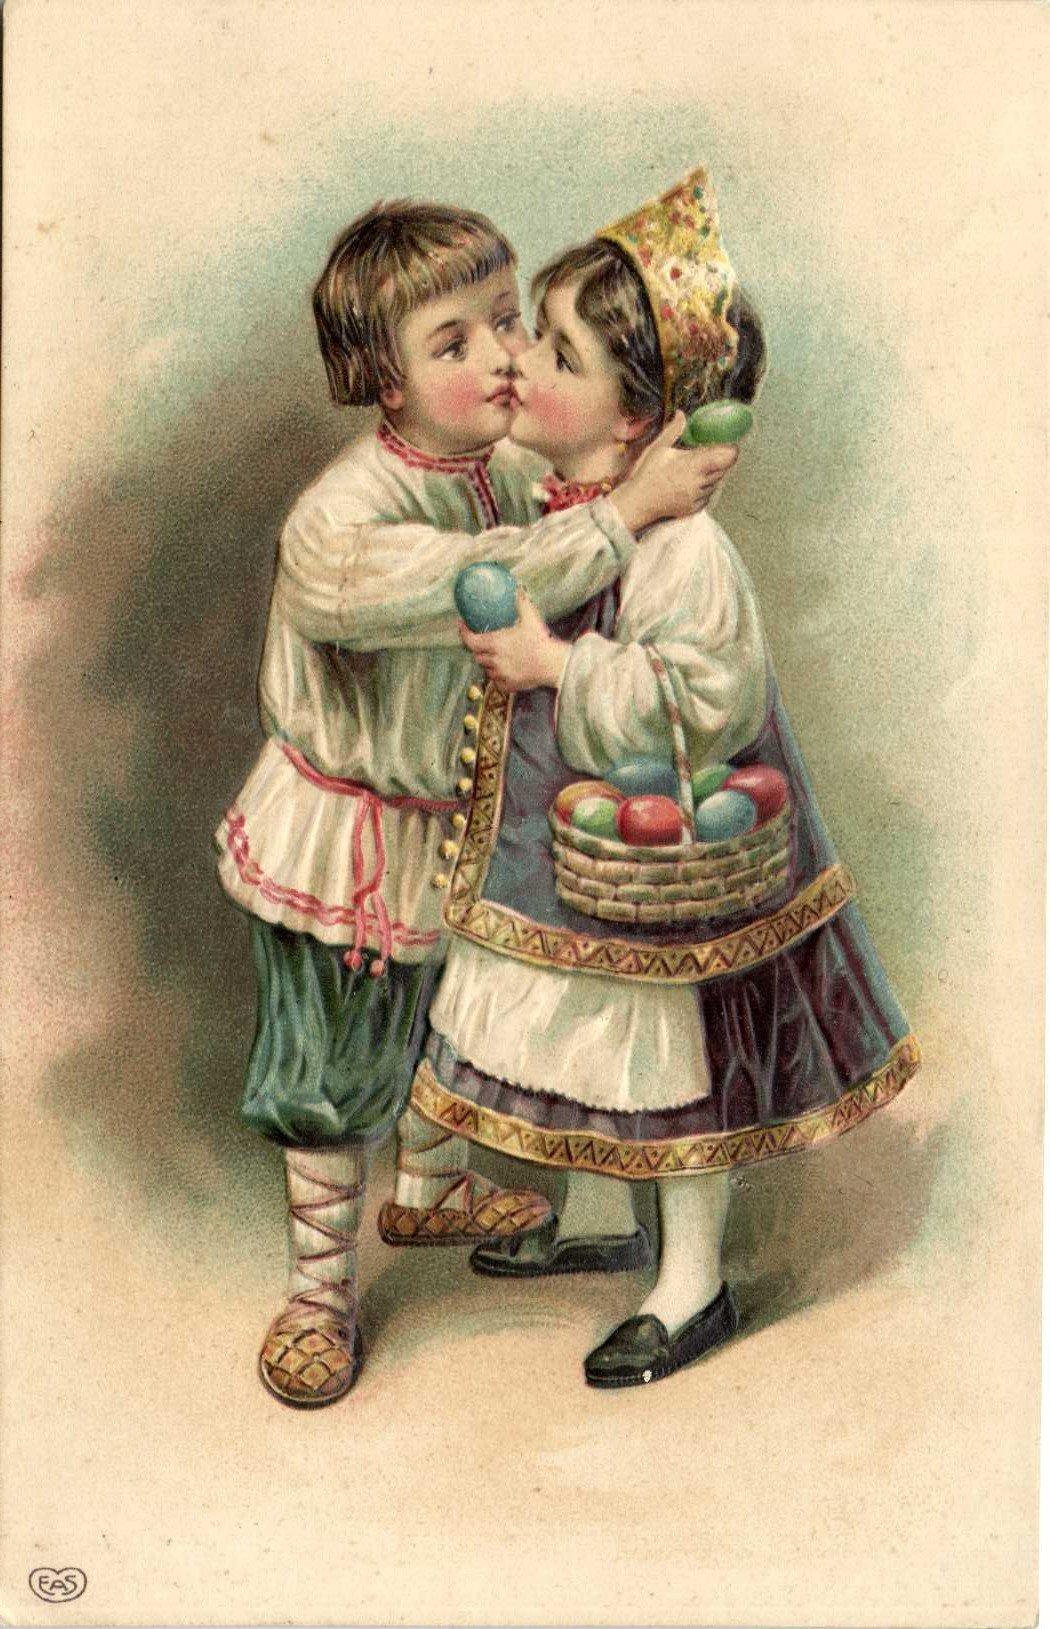 Приколы мужиками, русская старинная открытка